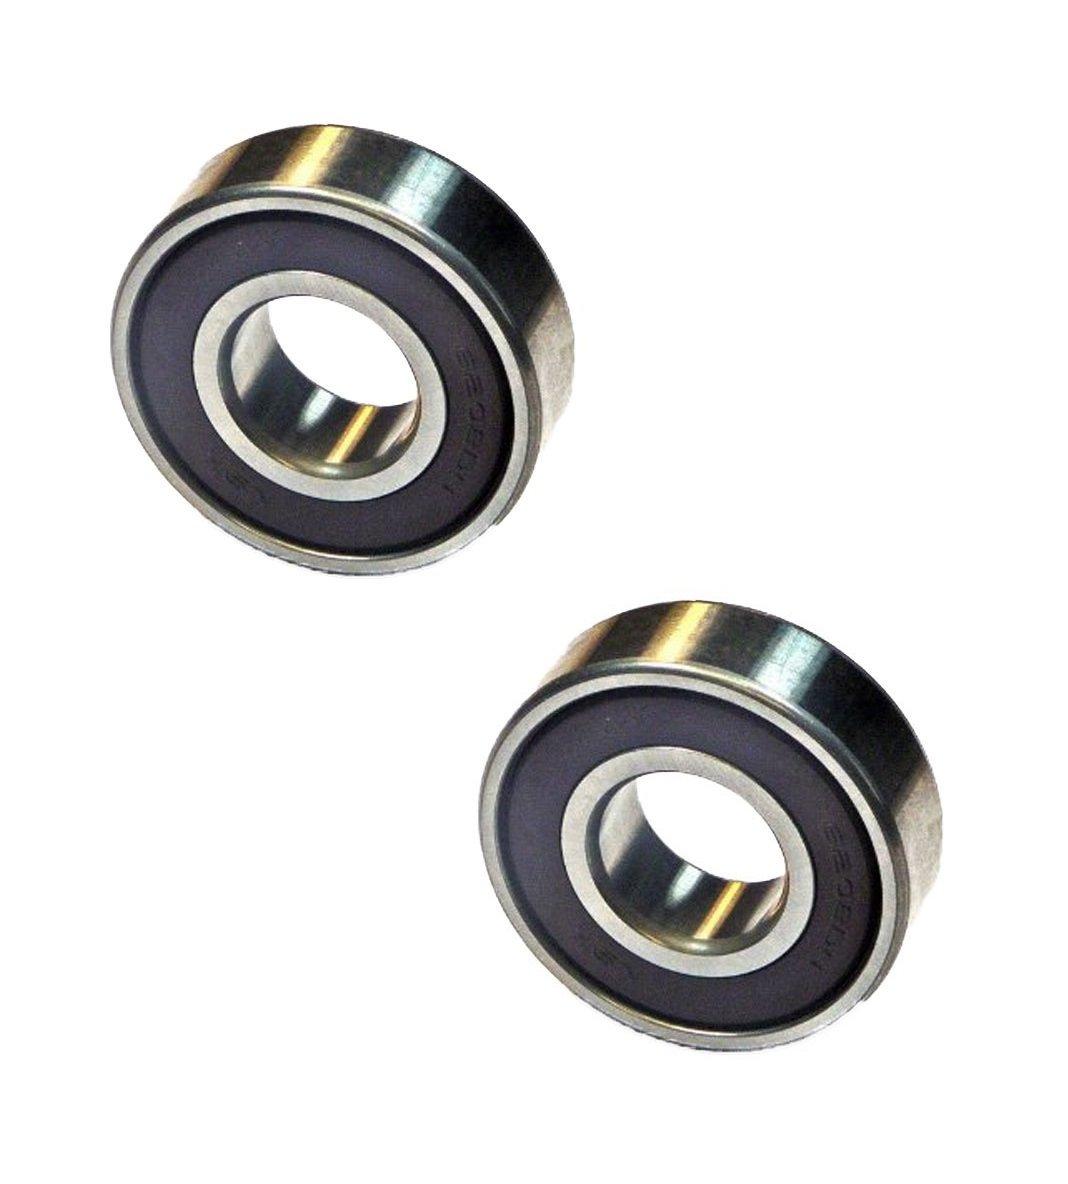 Dewalt DW718 / DWS780 / DW708 Miter Saw Replacement Ball Bearing (2 Pack) # N127530-2pk